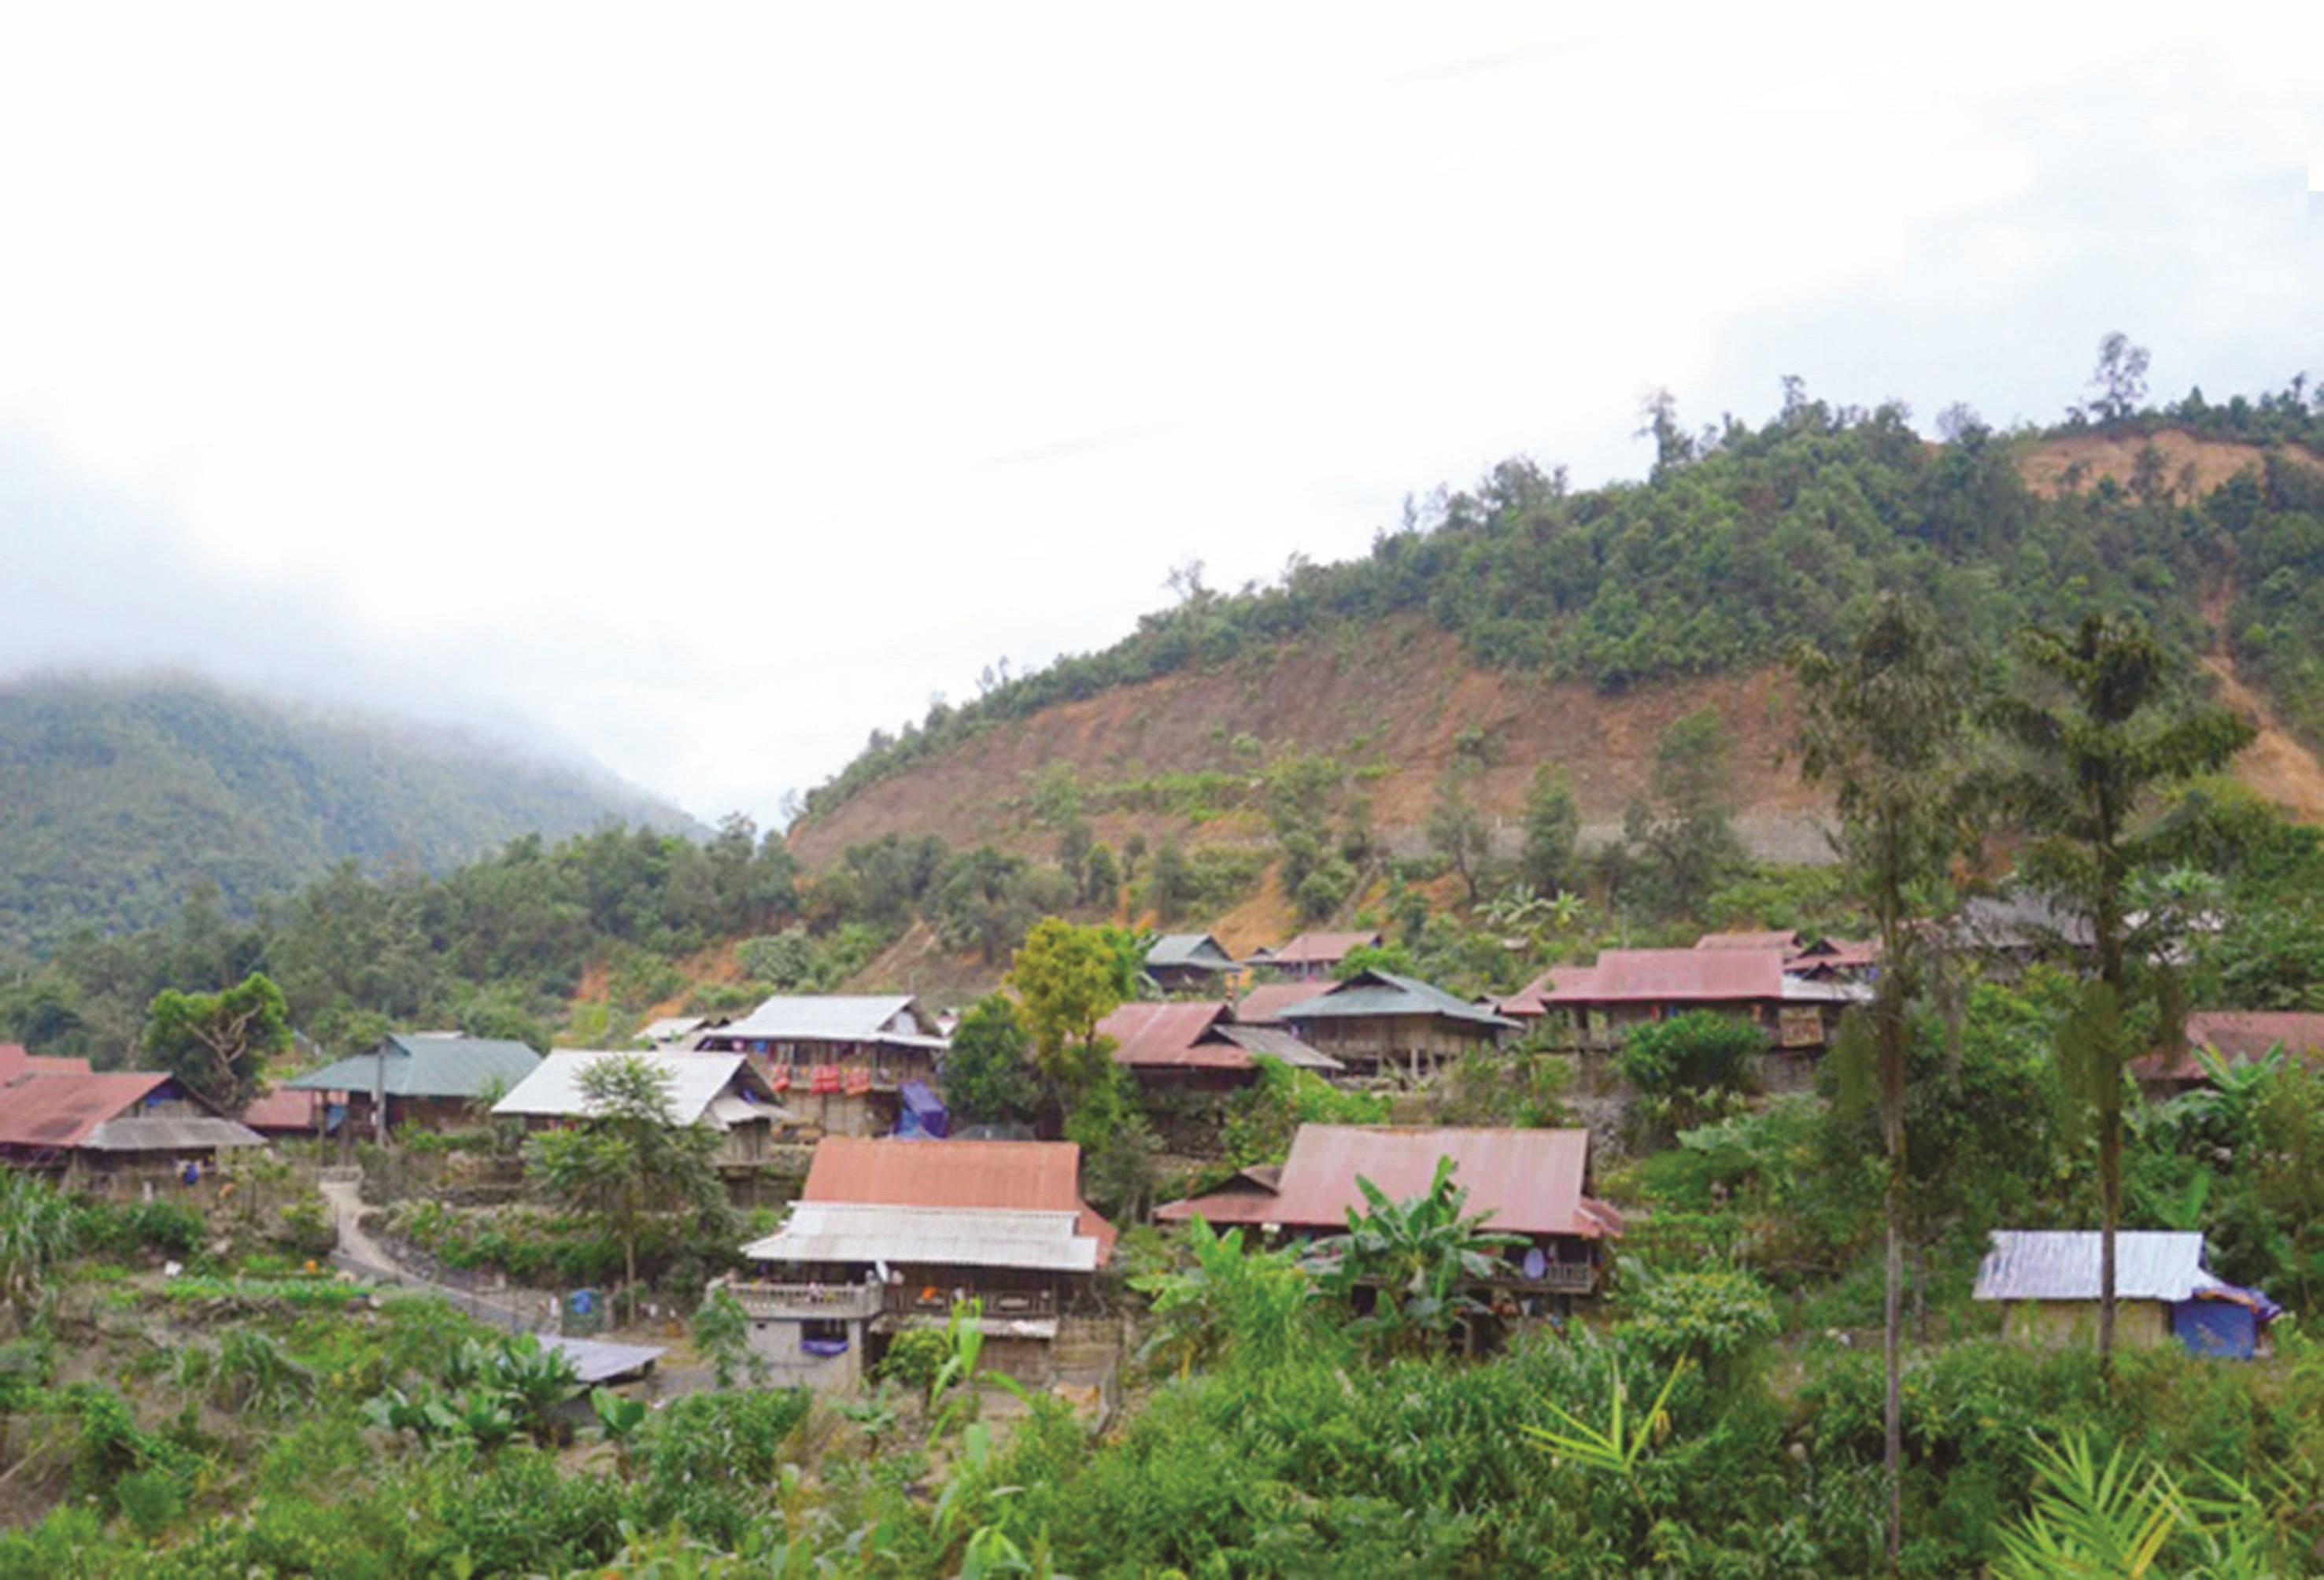 Những bản làng vùng ĐBKK của tỉnh Lai Châu dần đổi mới một phần nhờ nguồn vốn hỗ trợ của CT135. (Ảnh TL)